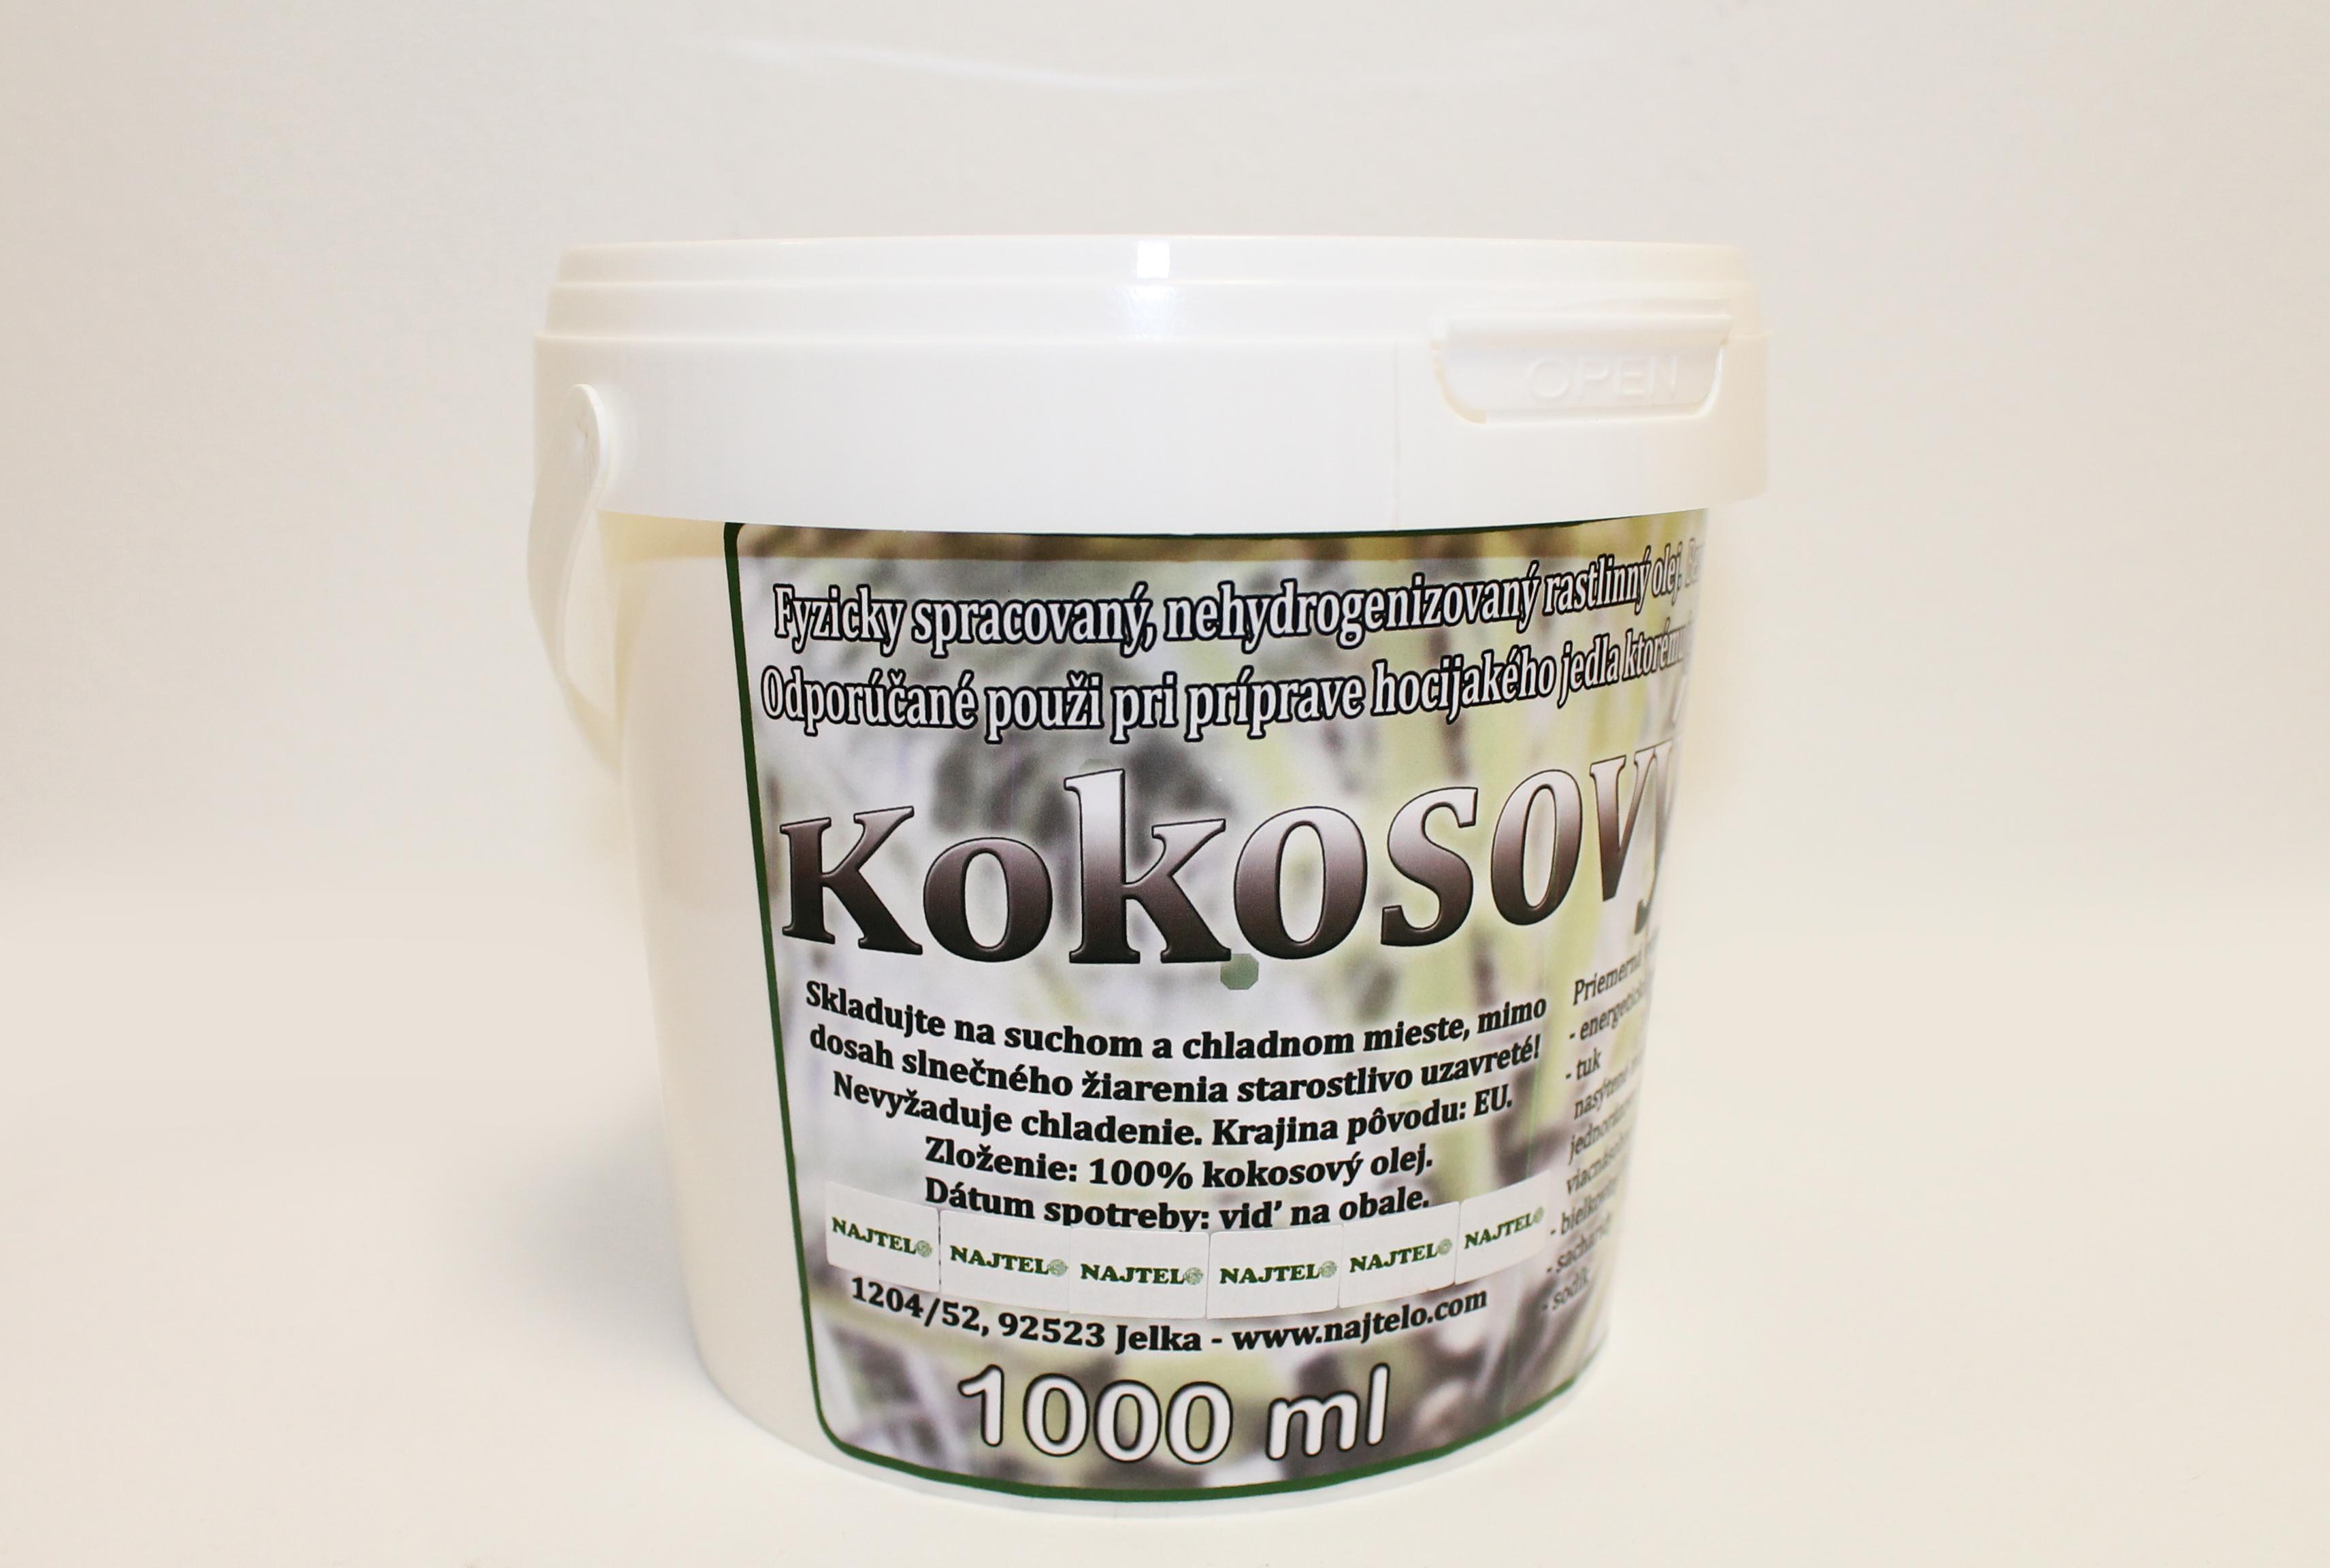 kokosový nehhydrogenizovaný